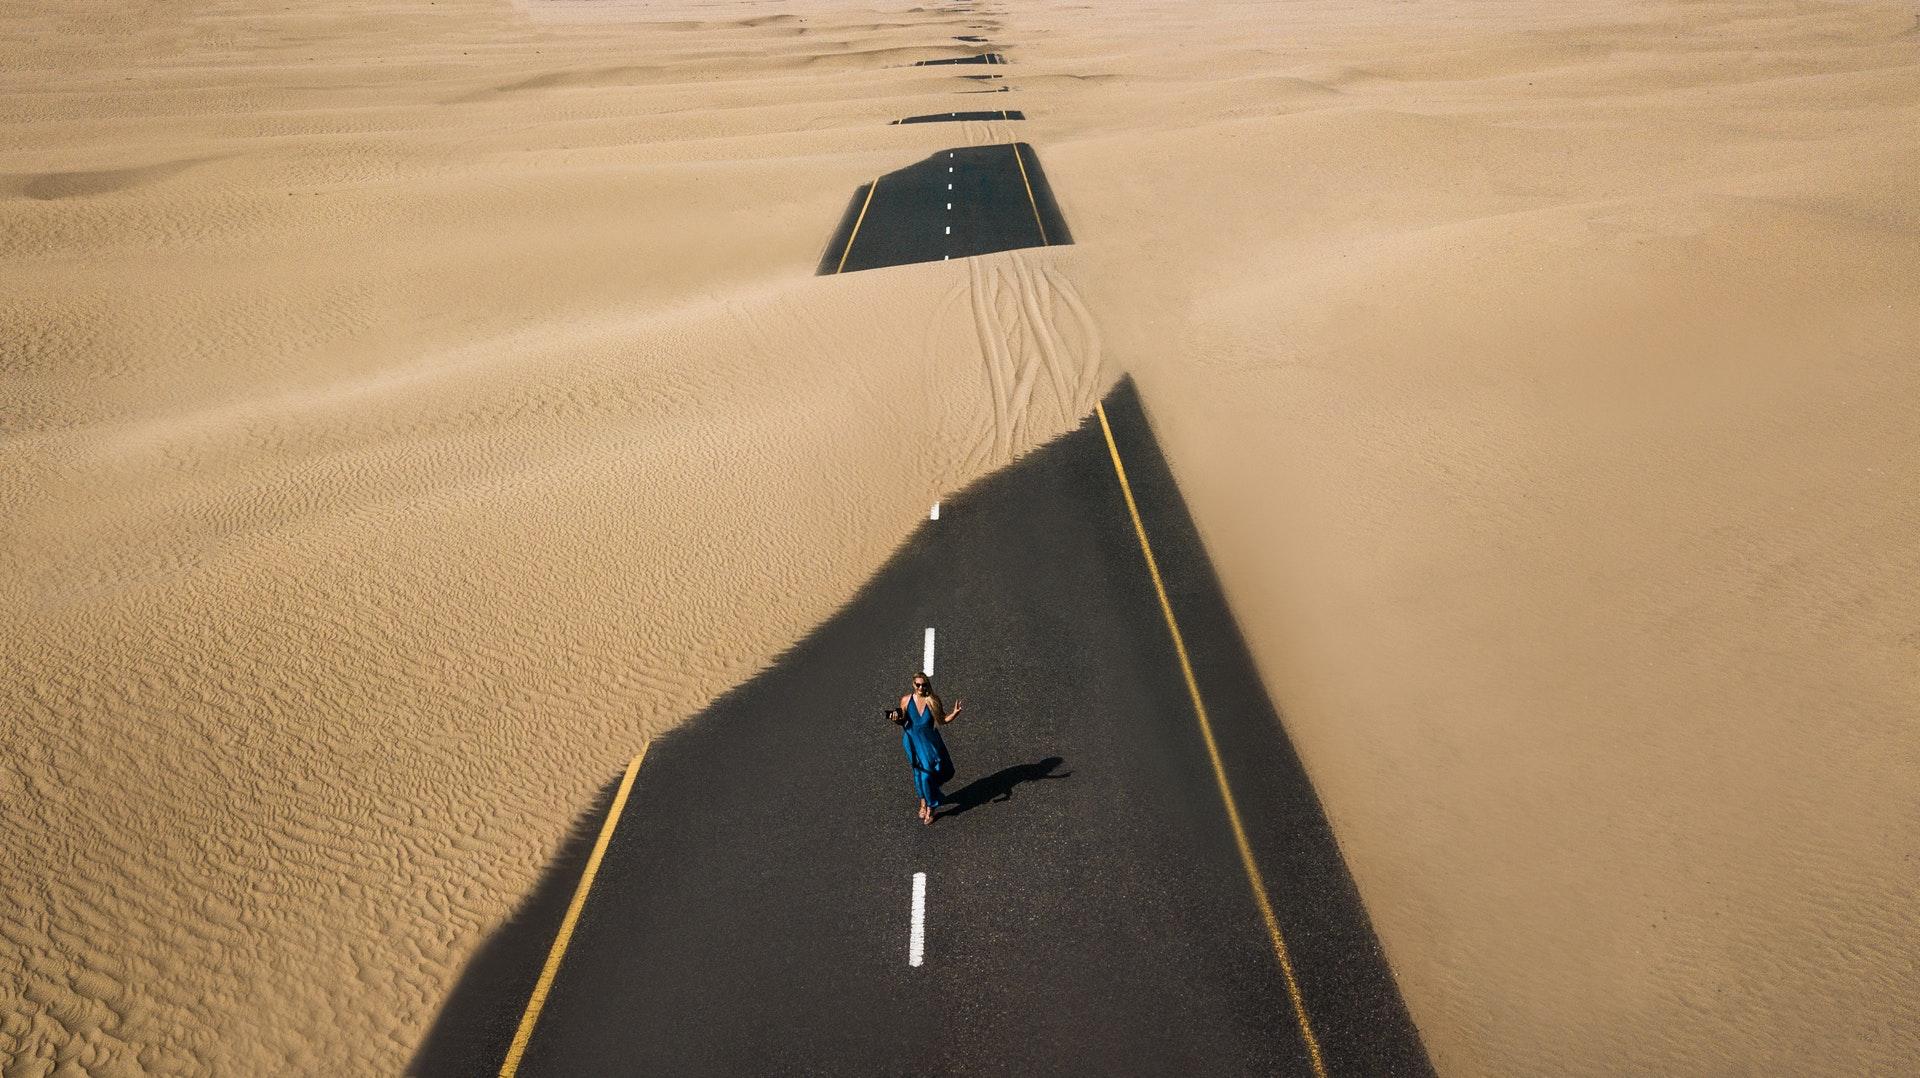 ランニング&体調管理記録|19年9月は206km/累積は2575km。2度の3連休のおかげで久しぶりに月間200kmオーバーでした。